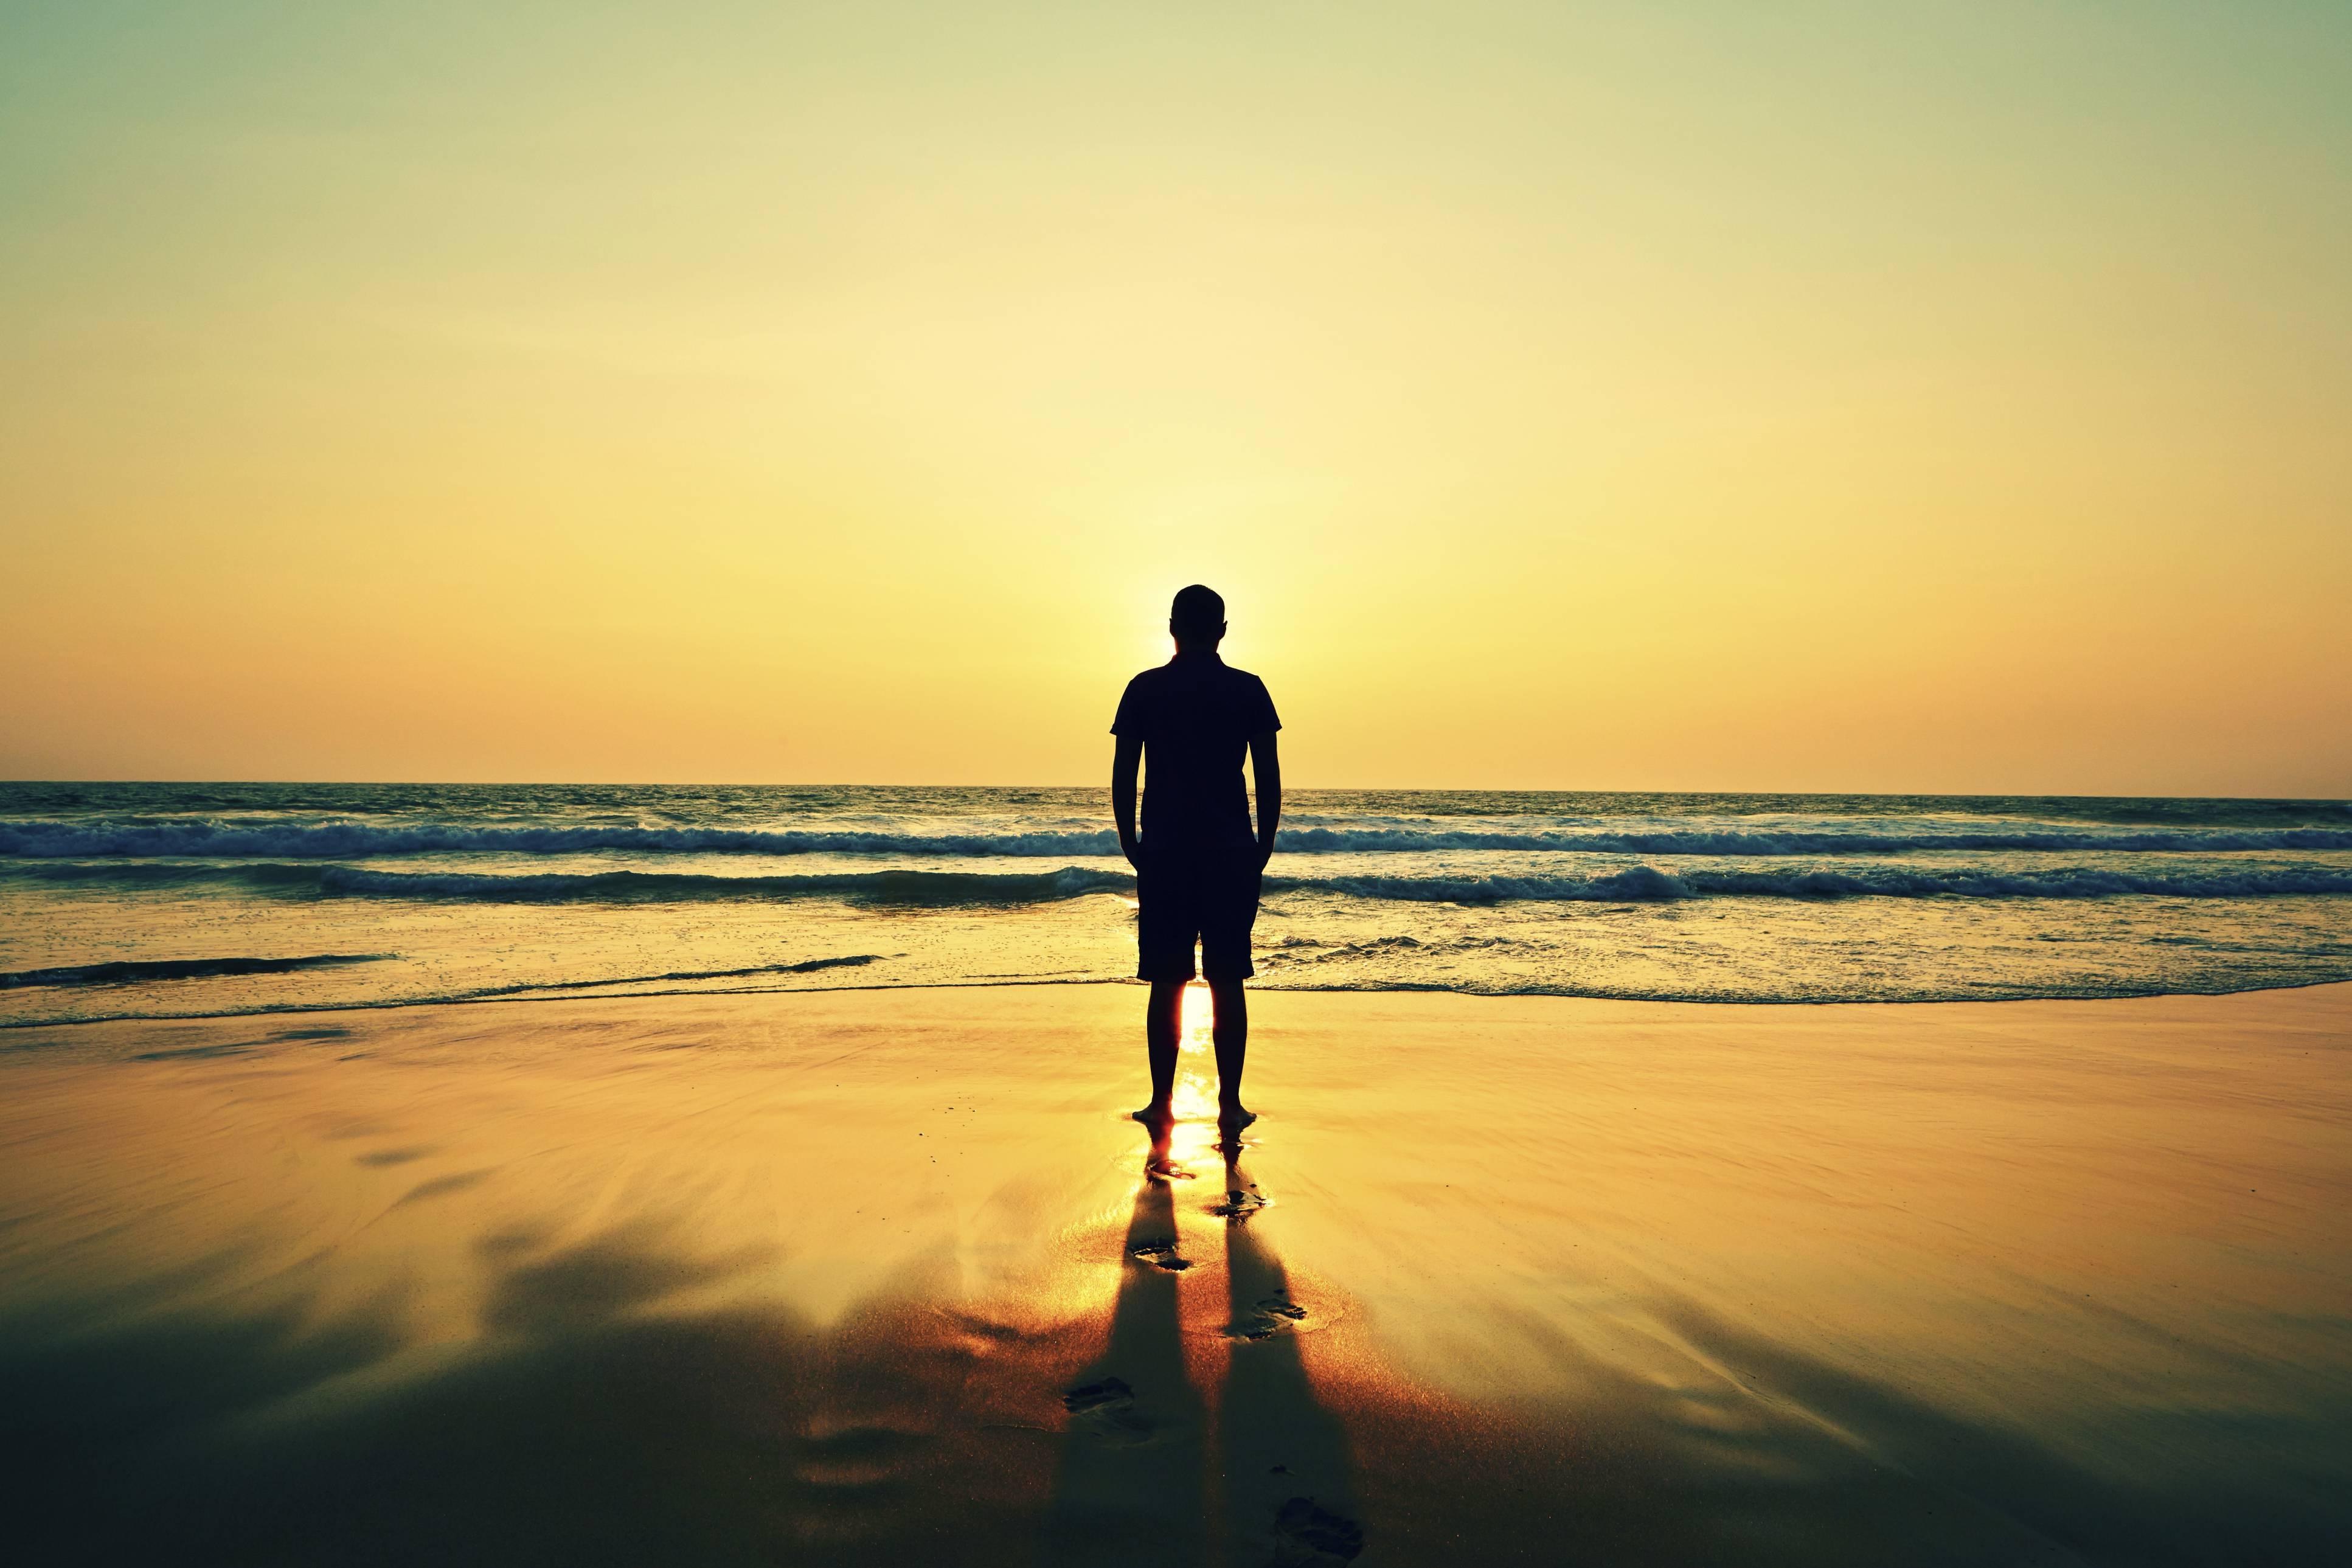 Dieta e abitudini: consigli utili per la salute dell'uomo in estate